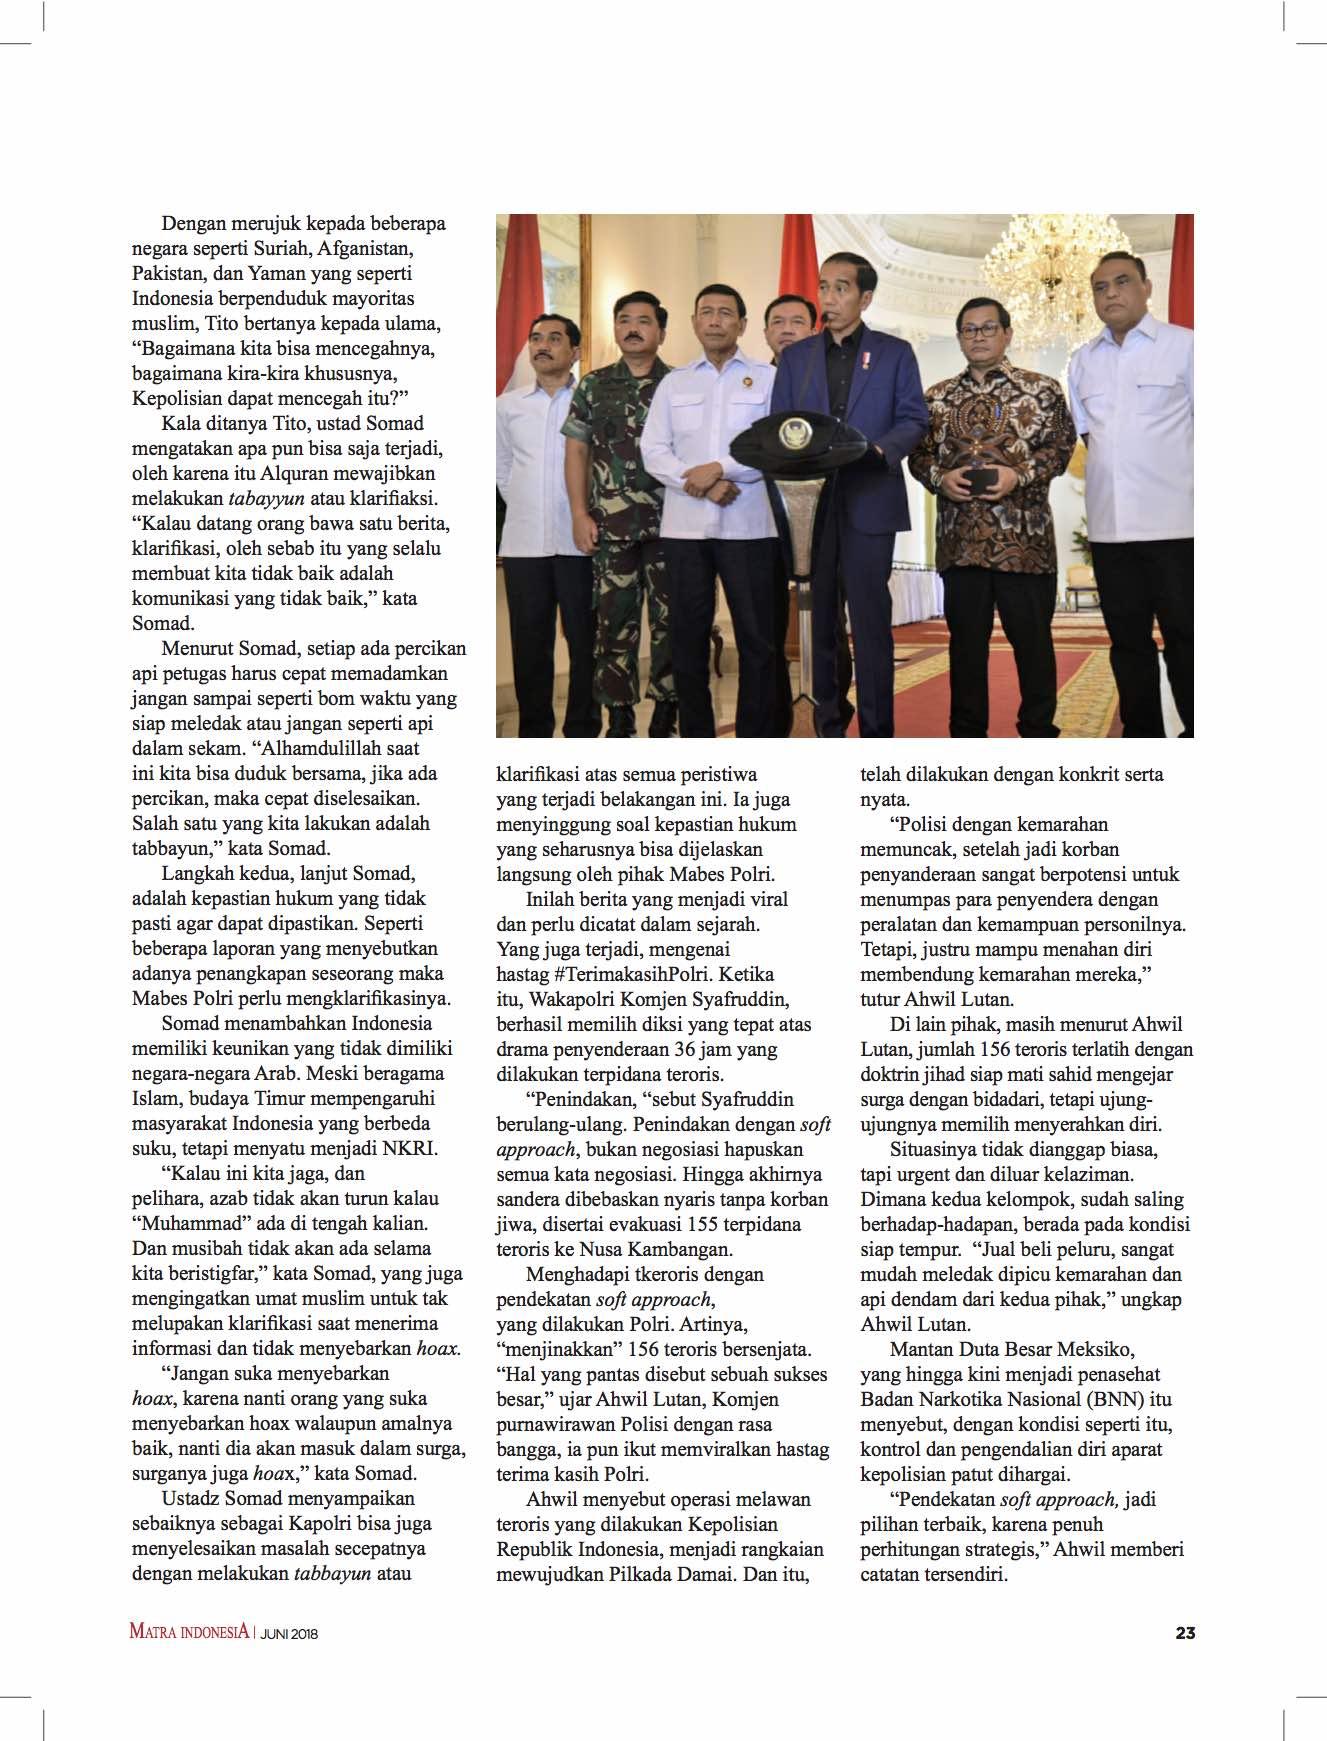 Majalah MATRA Masuk Dalam 10 Media Pemenang Anugerah Jurnalistik Polri